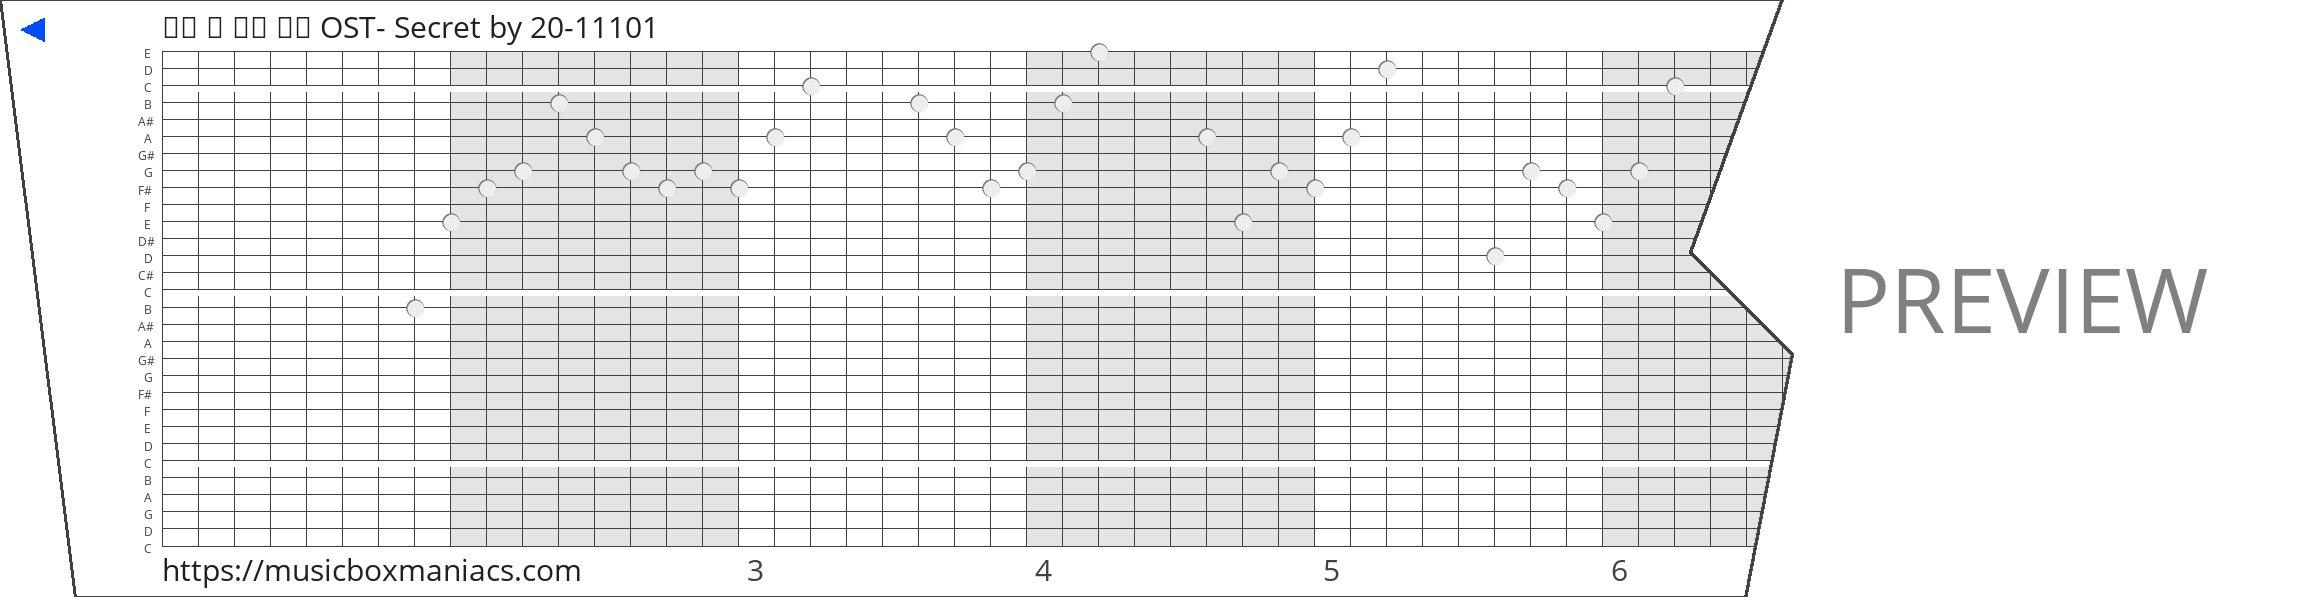 말할 수 없는 비밀 OST- Secret 30 note music box paper strip